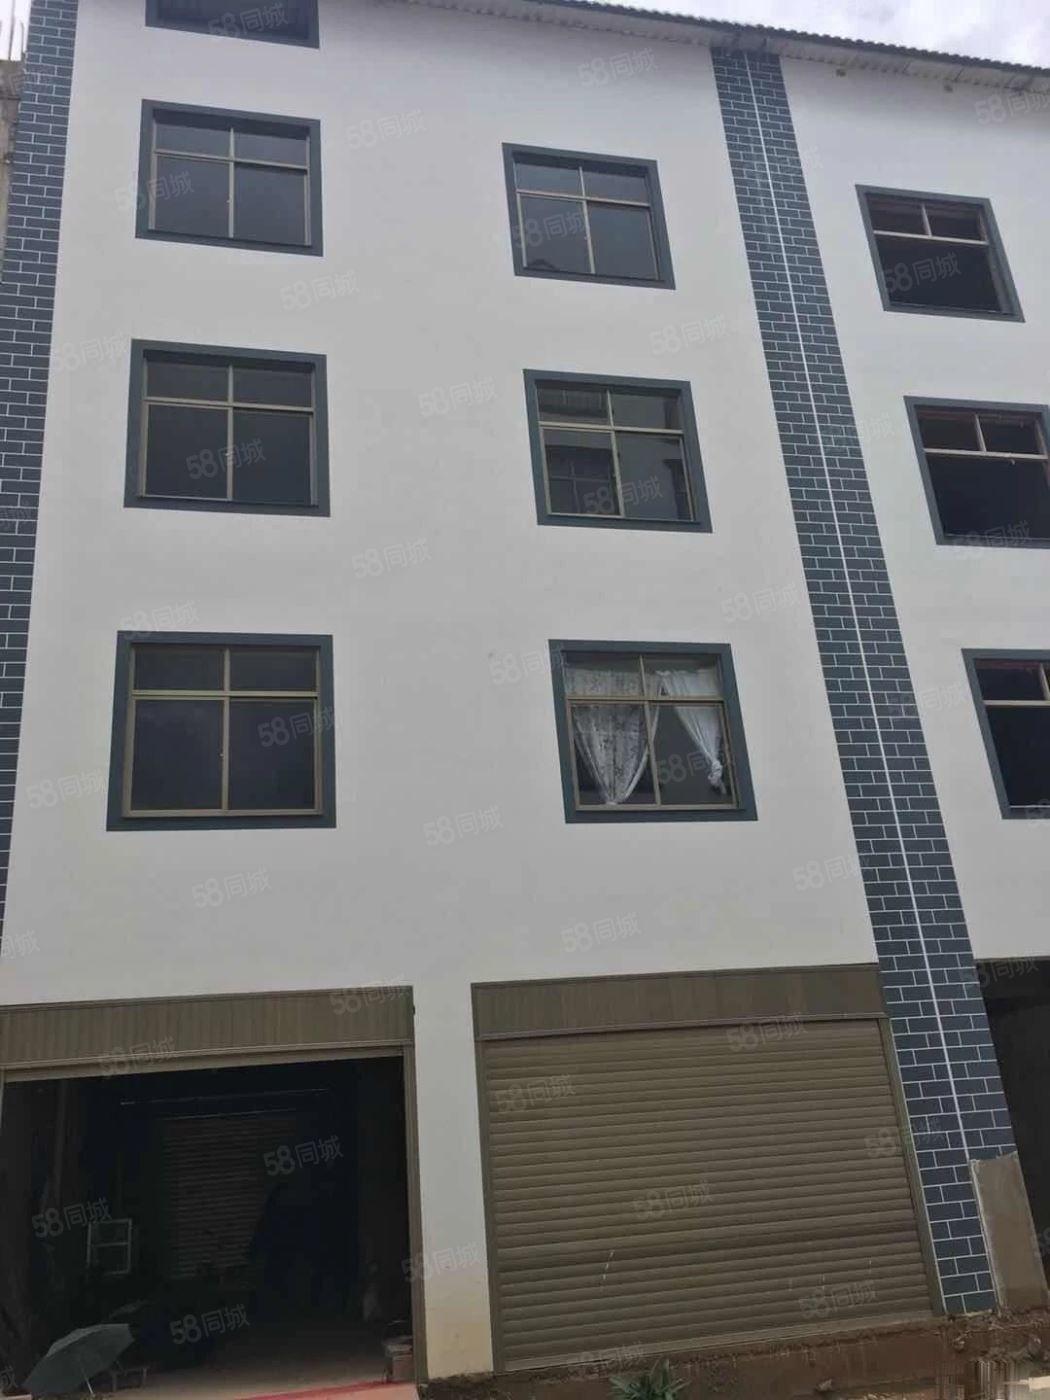 李棋自建房澳门金沙平台.现在是毛坯.房东装修.租客装修都可以.